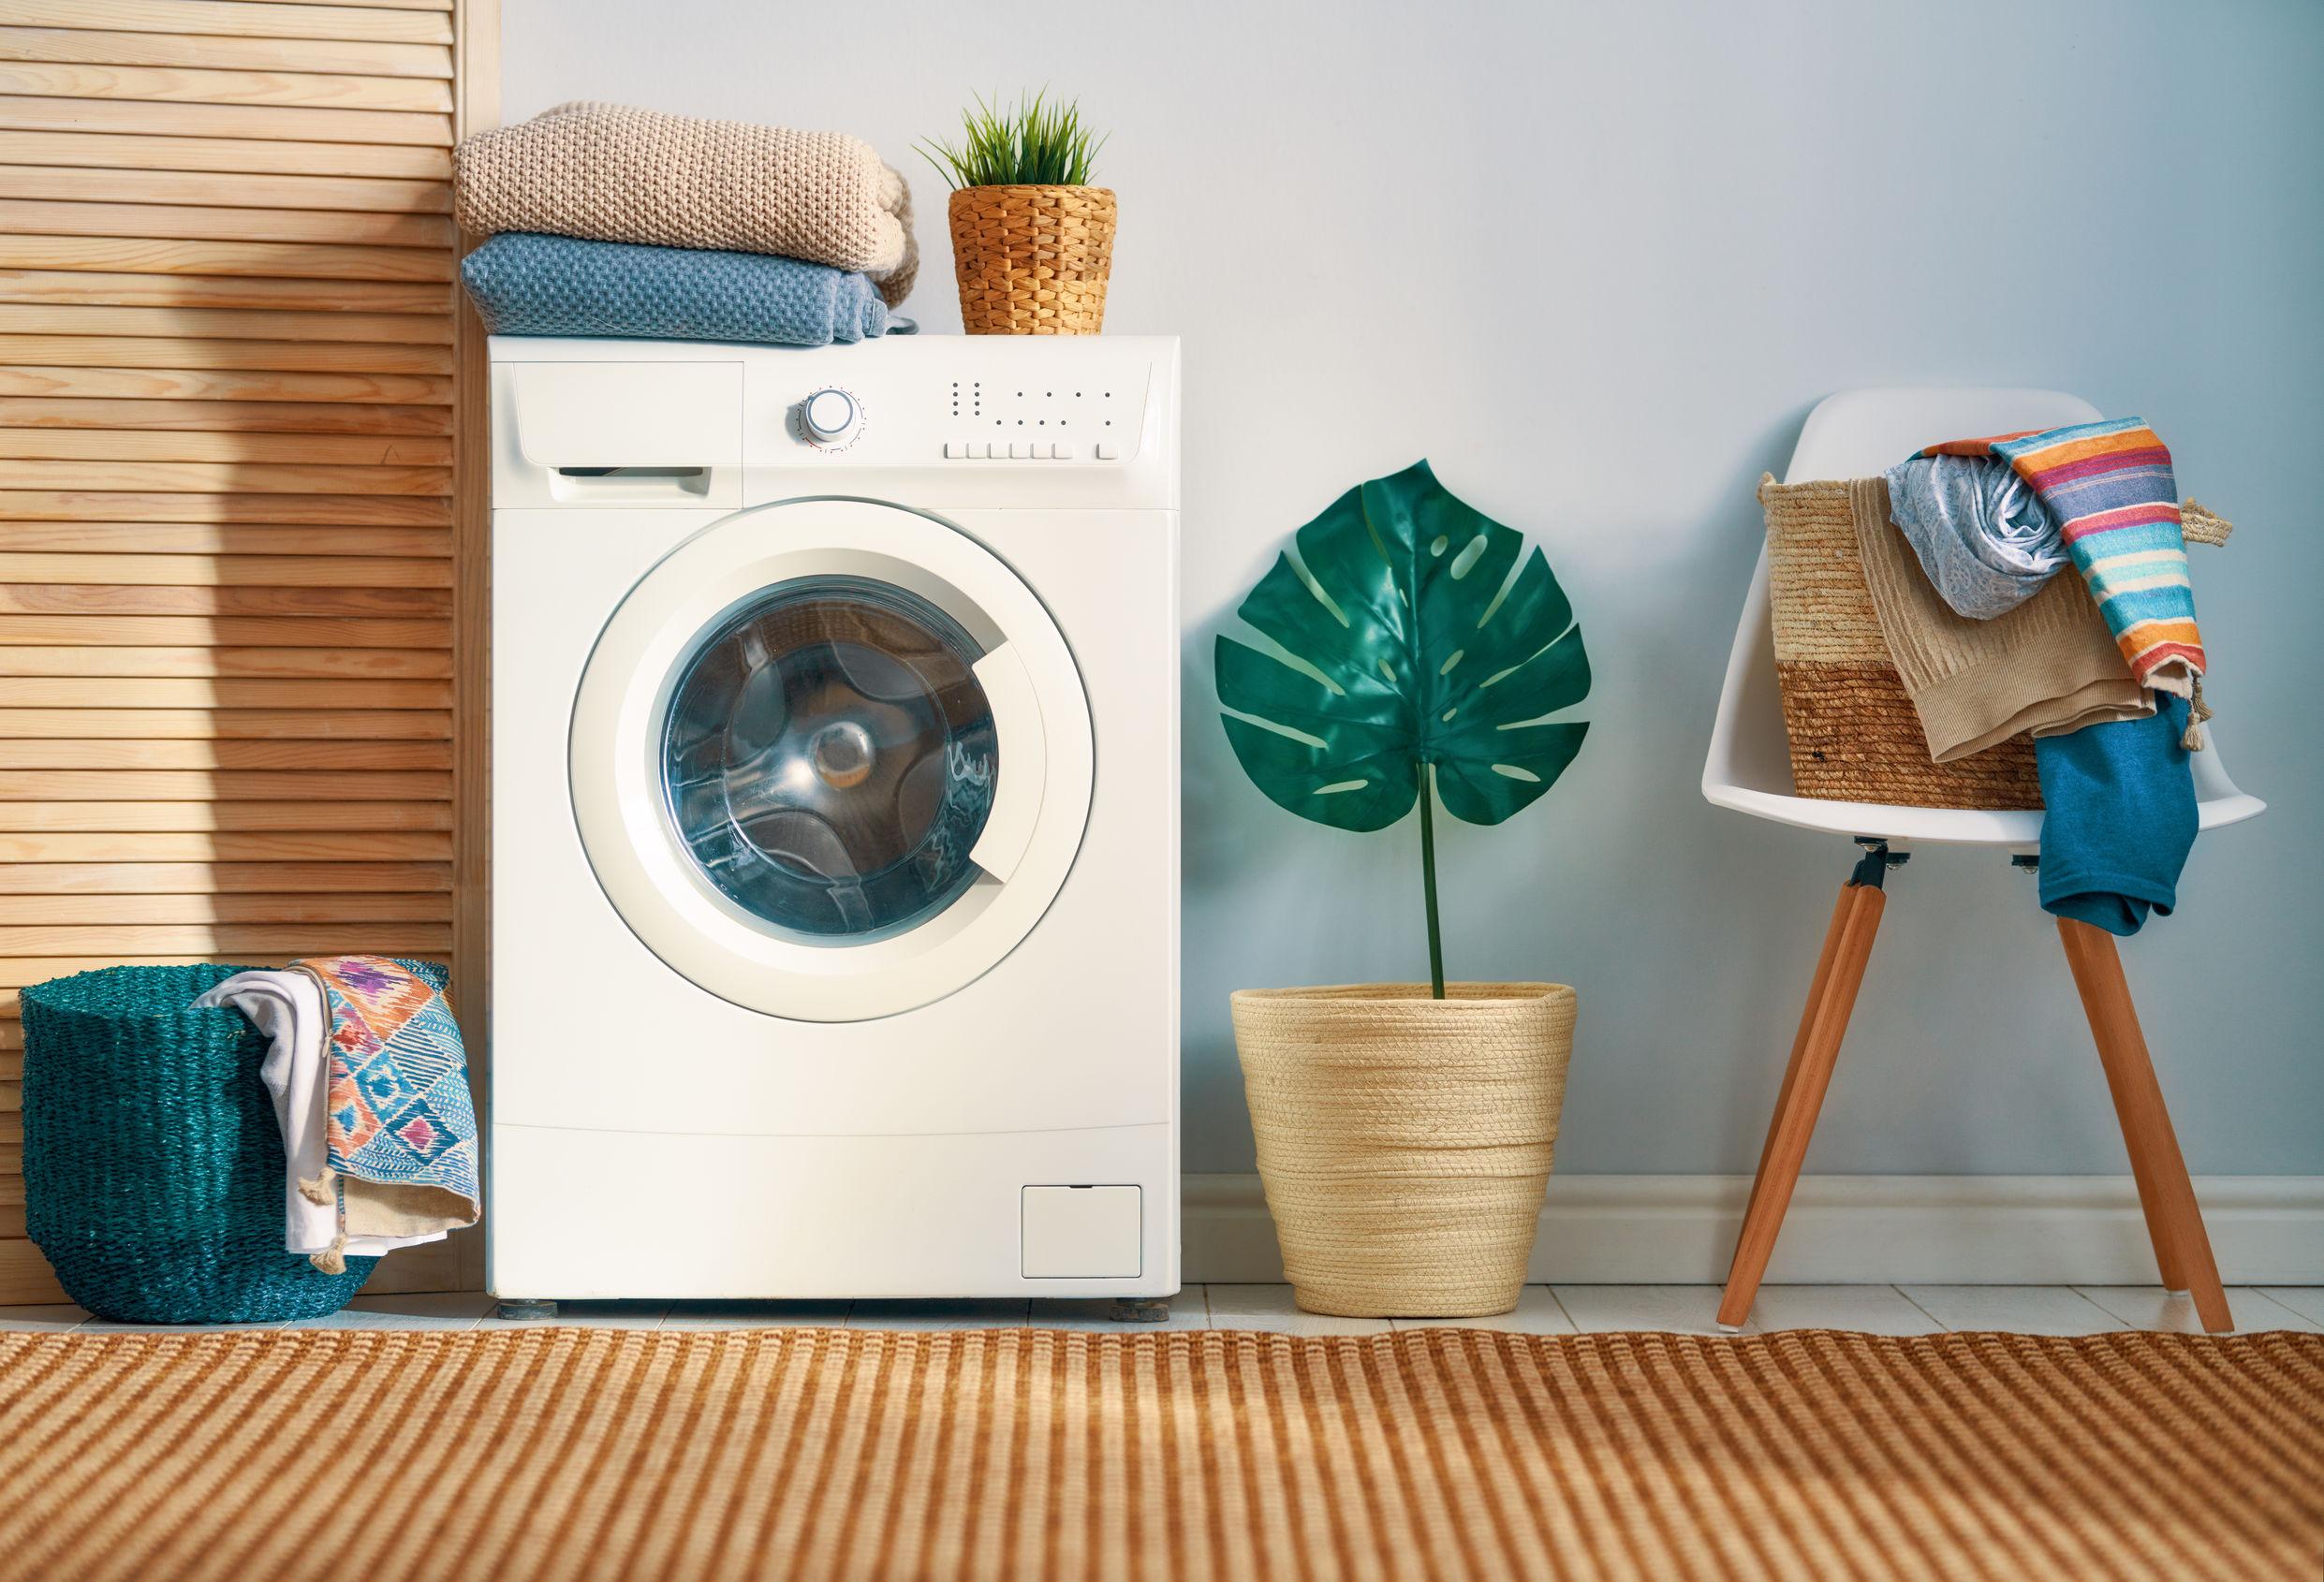 secadora en cuarto de lavado